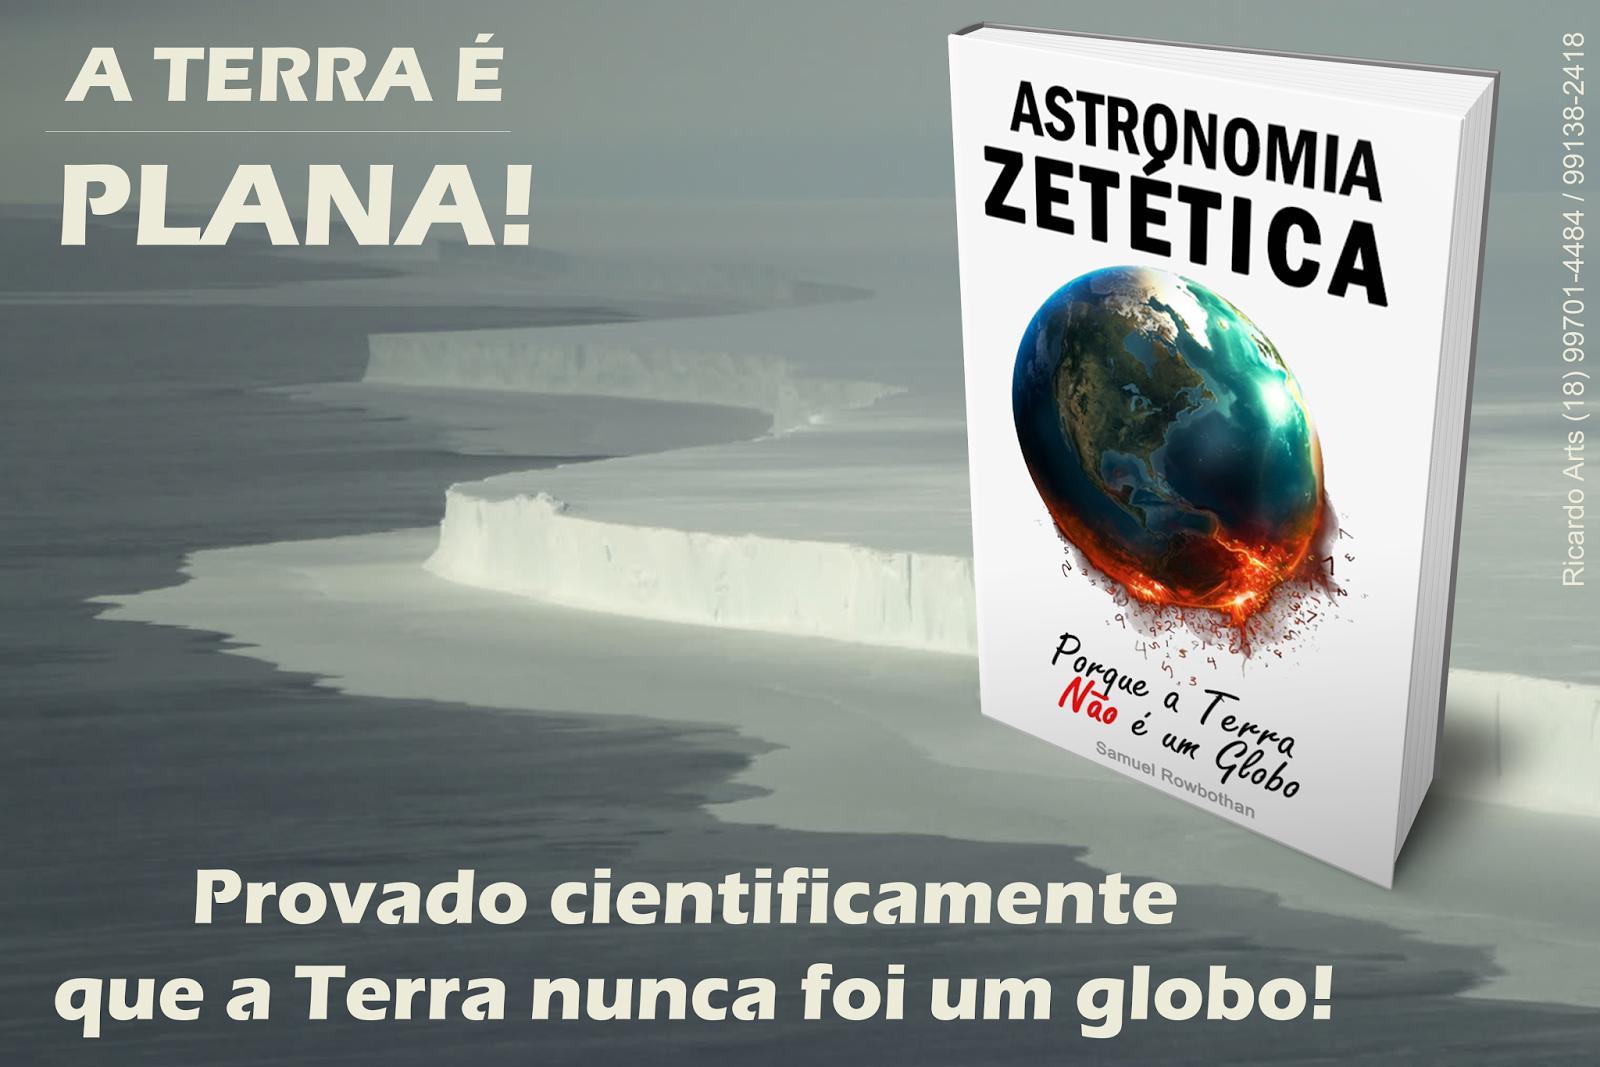 Astronomia Zetética por Samuel Rowbothan